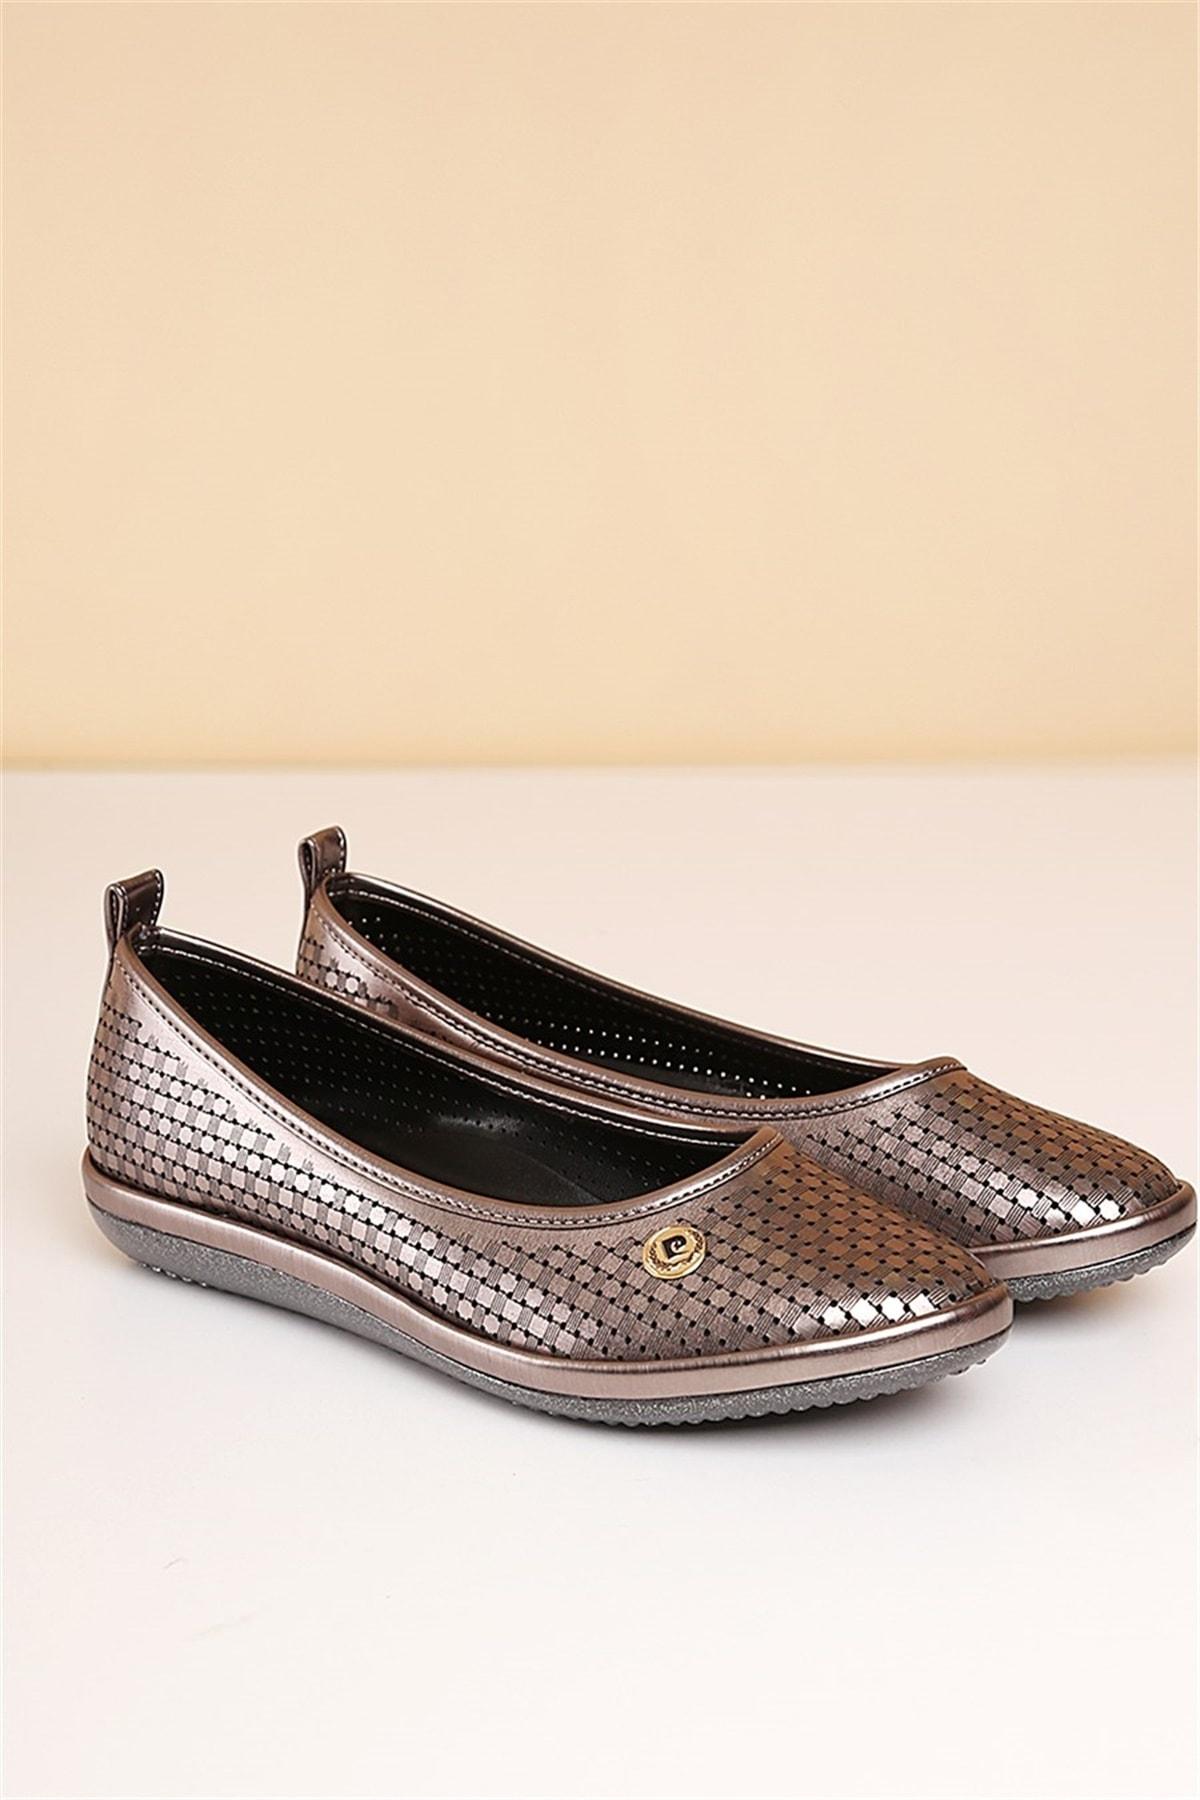 Pierre Cardin 591-Platin Kadın Klasik Ayakkabı